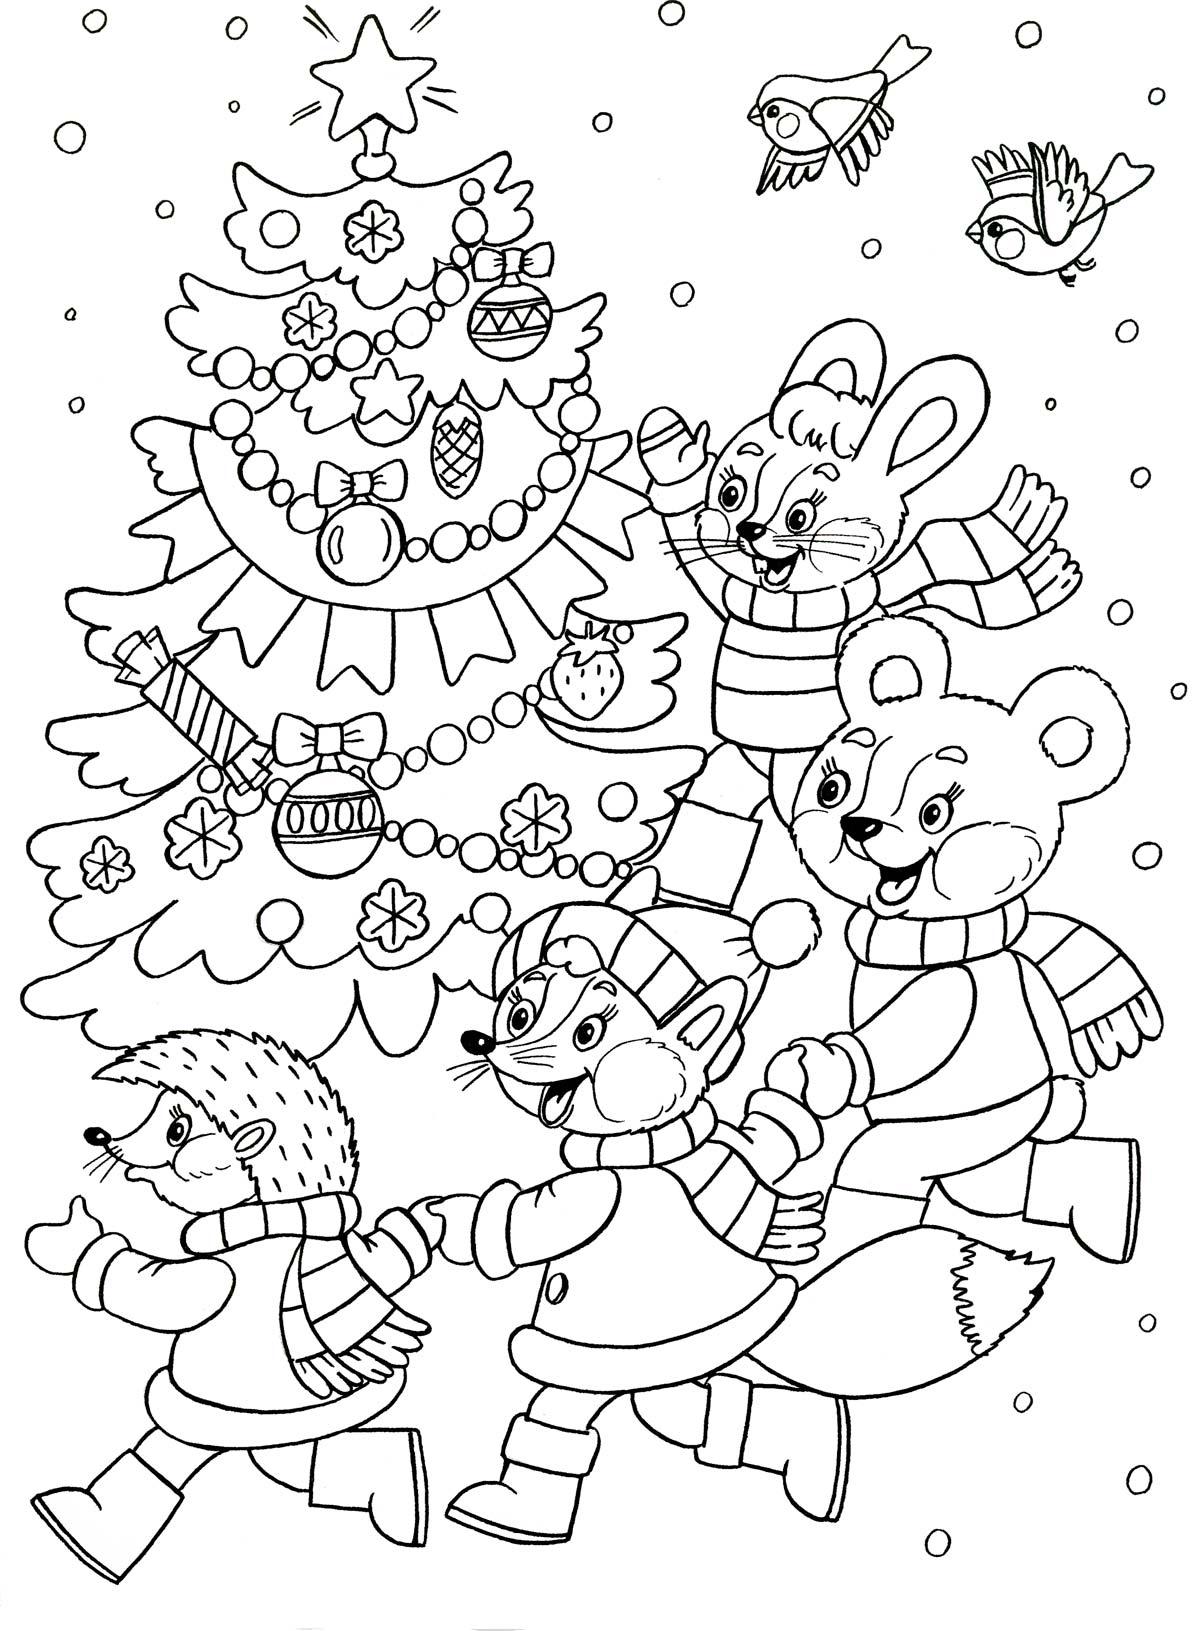 Из мультиков, животные ведут хоровод вокгруг елки Раскраски для детского сада